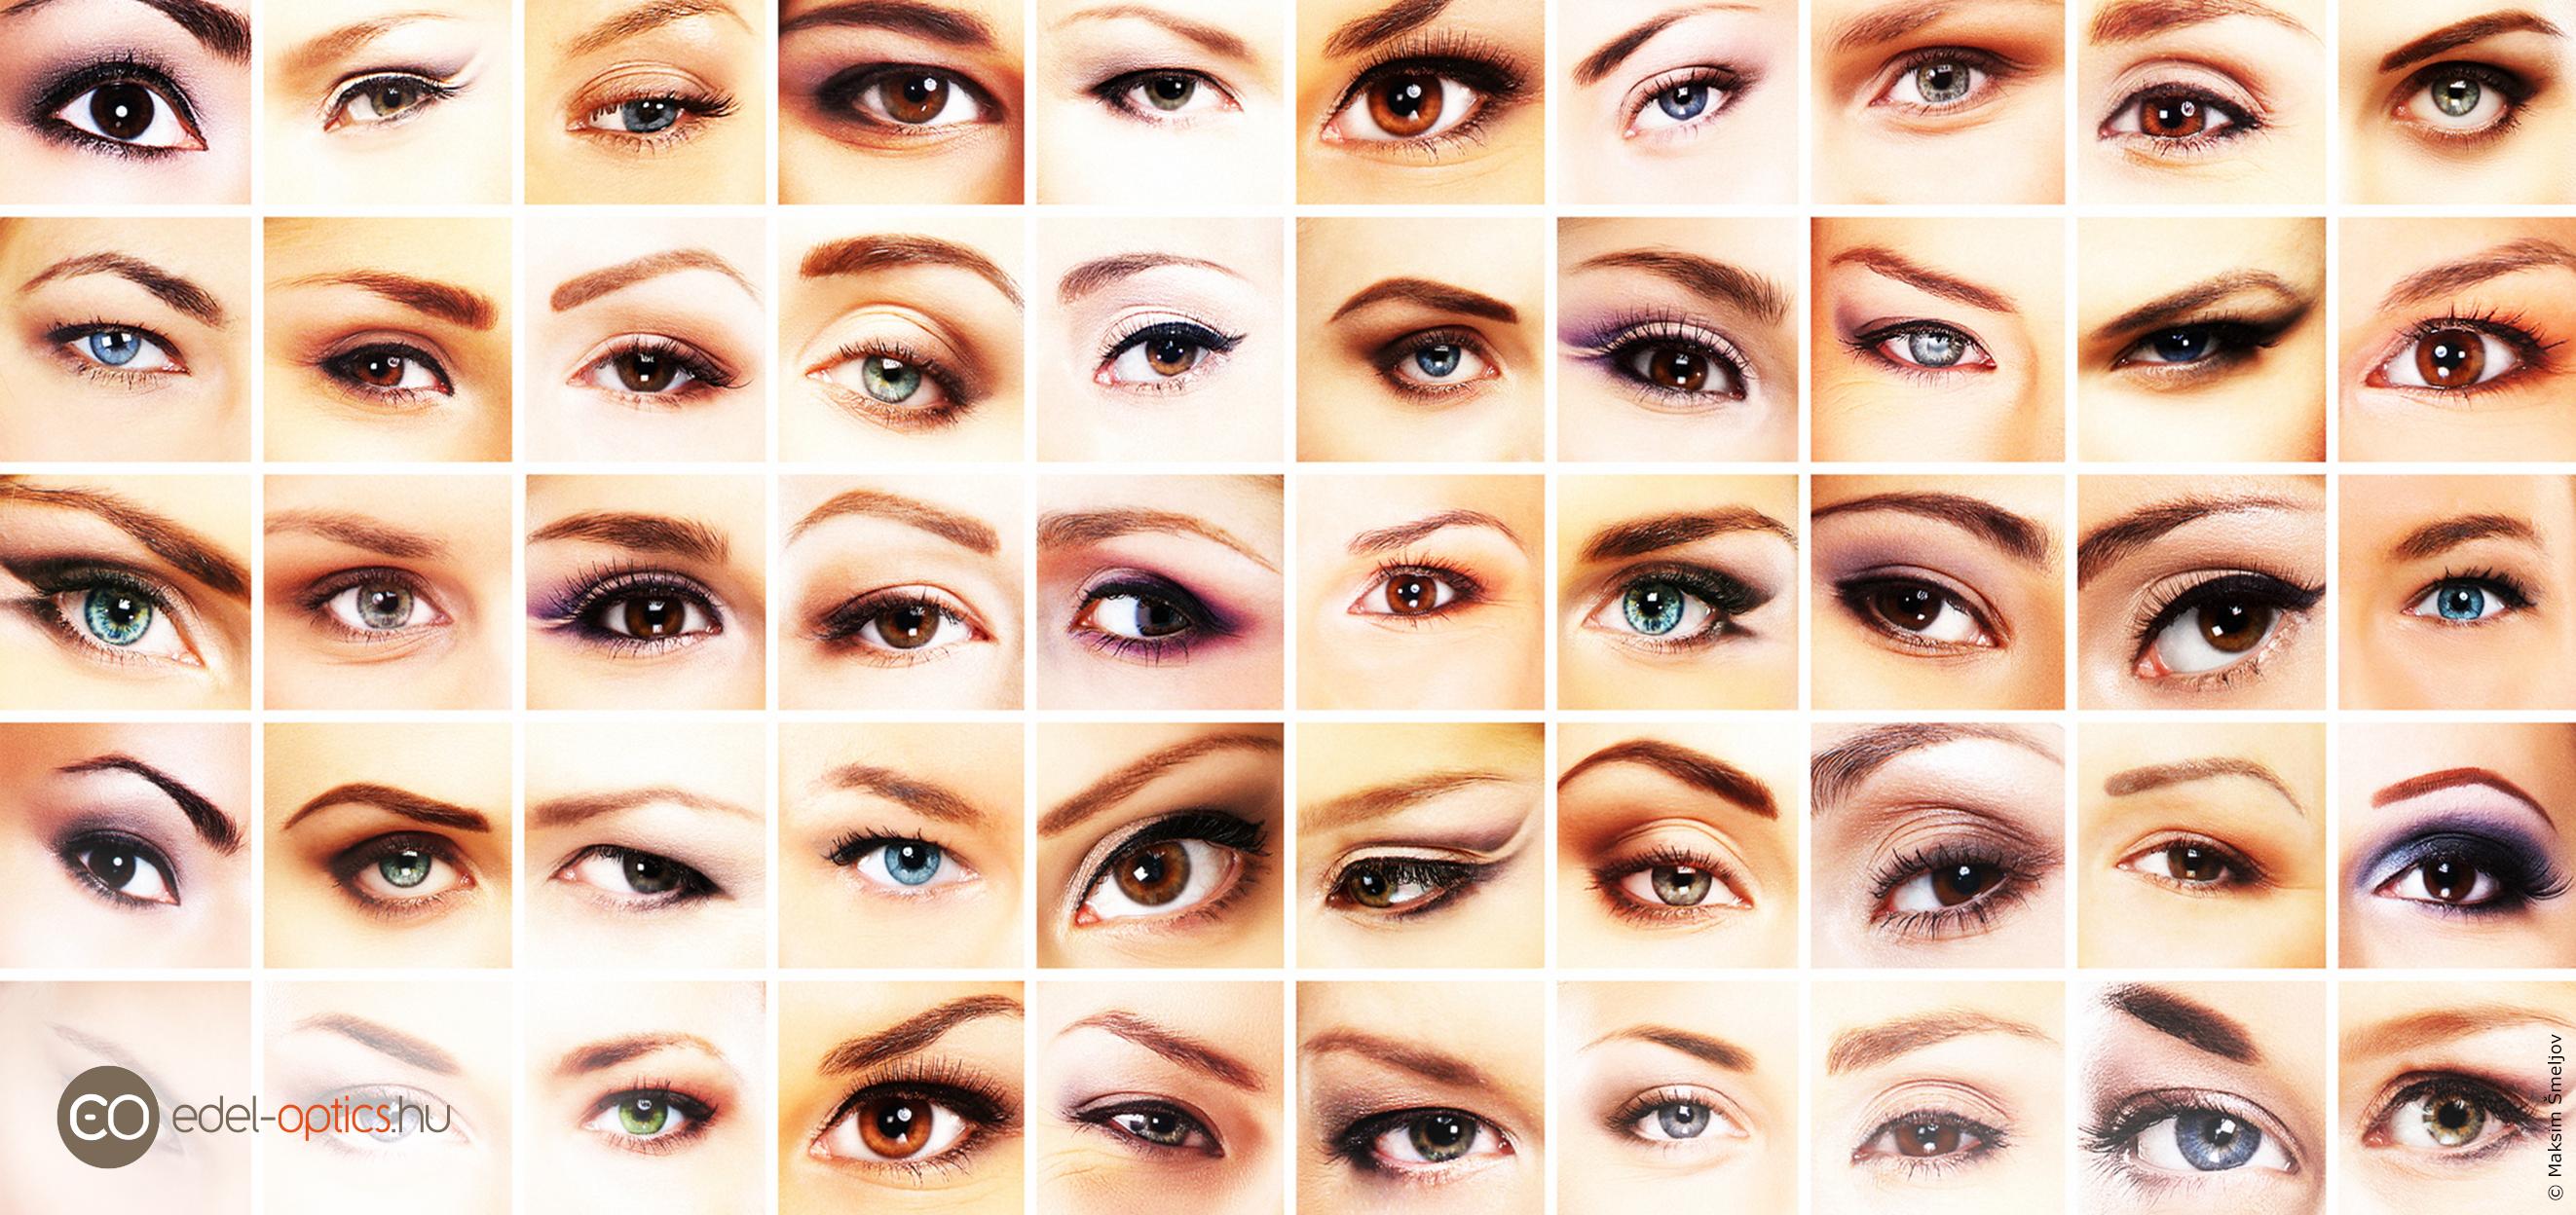 Szemvizsgálat ingyen online A látásélesség ellenőrzése